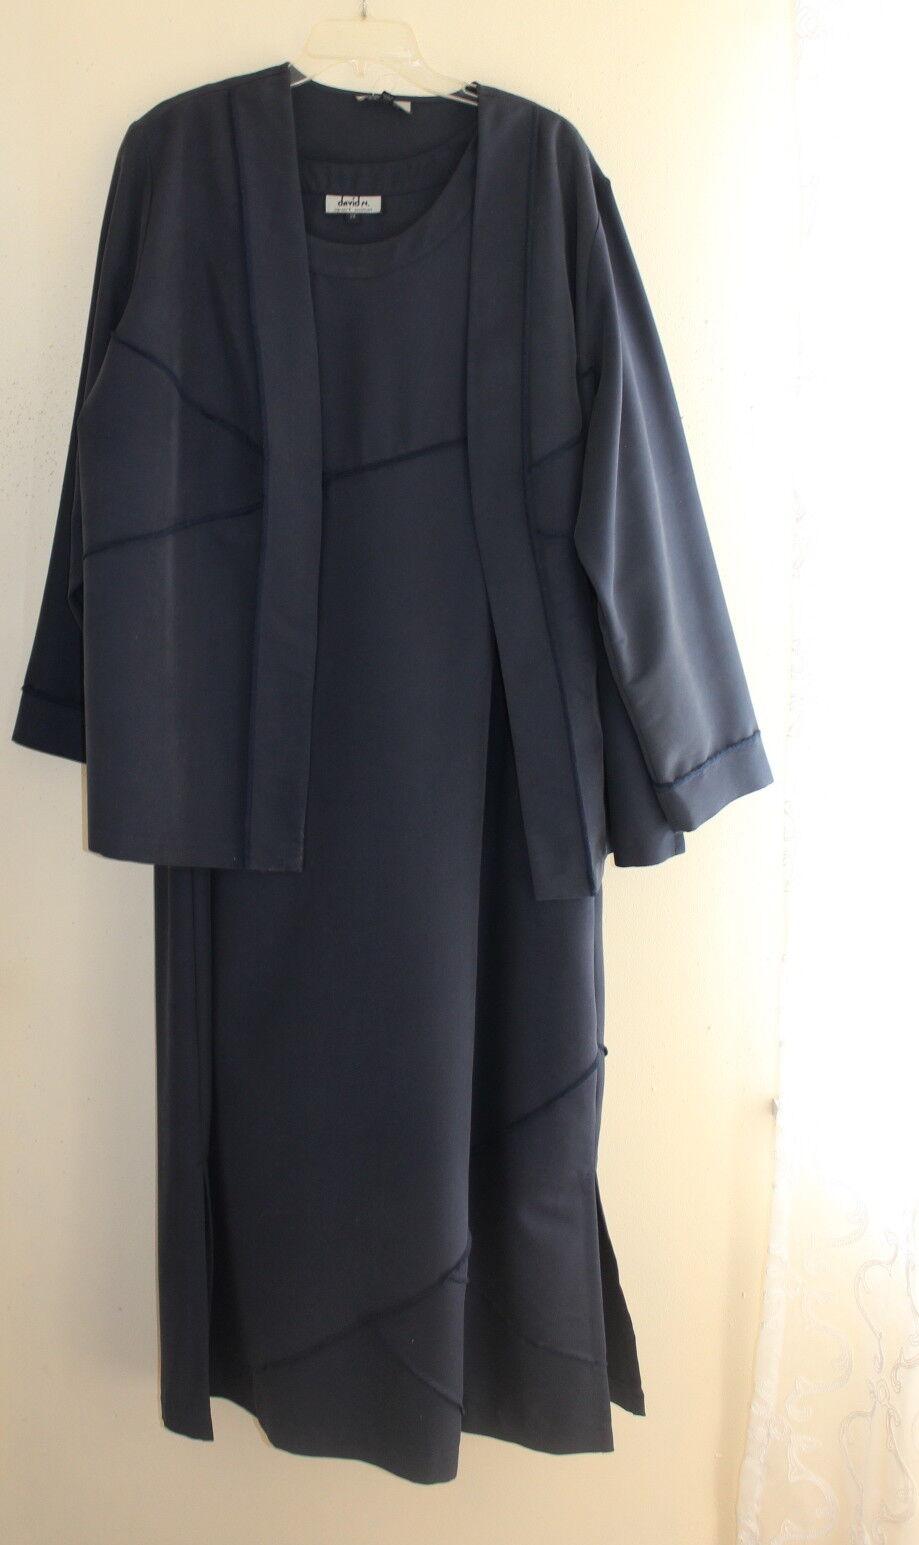 NEW DAVID N Sz 2X Elegant Navy Blau Lyocell Woven Dress + Jacket Set Duo